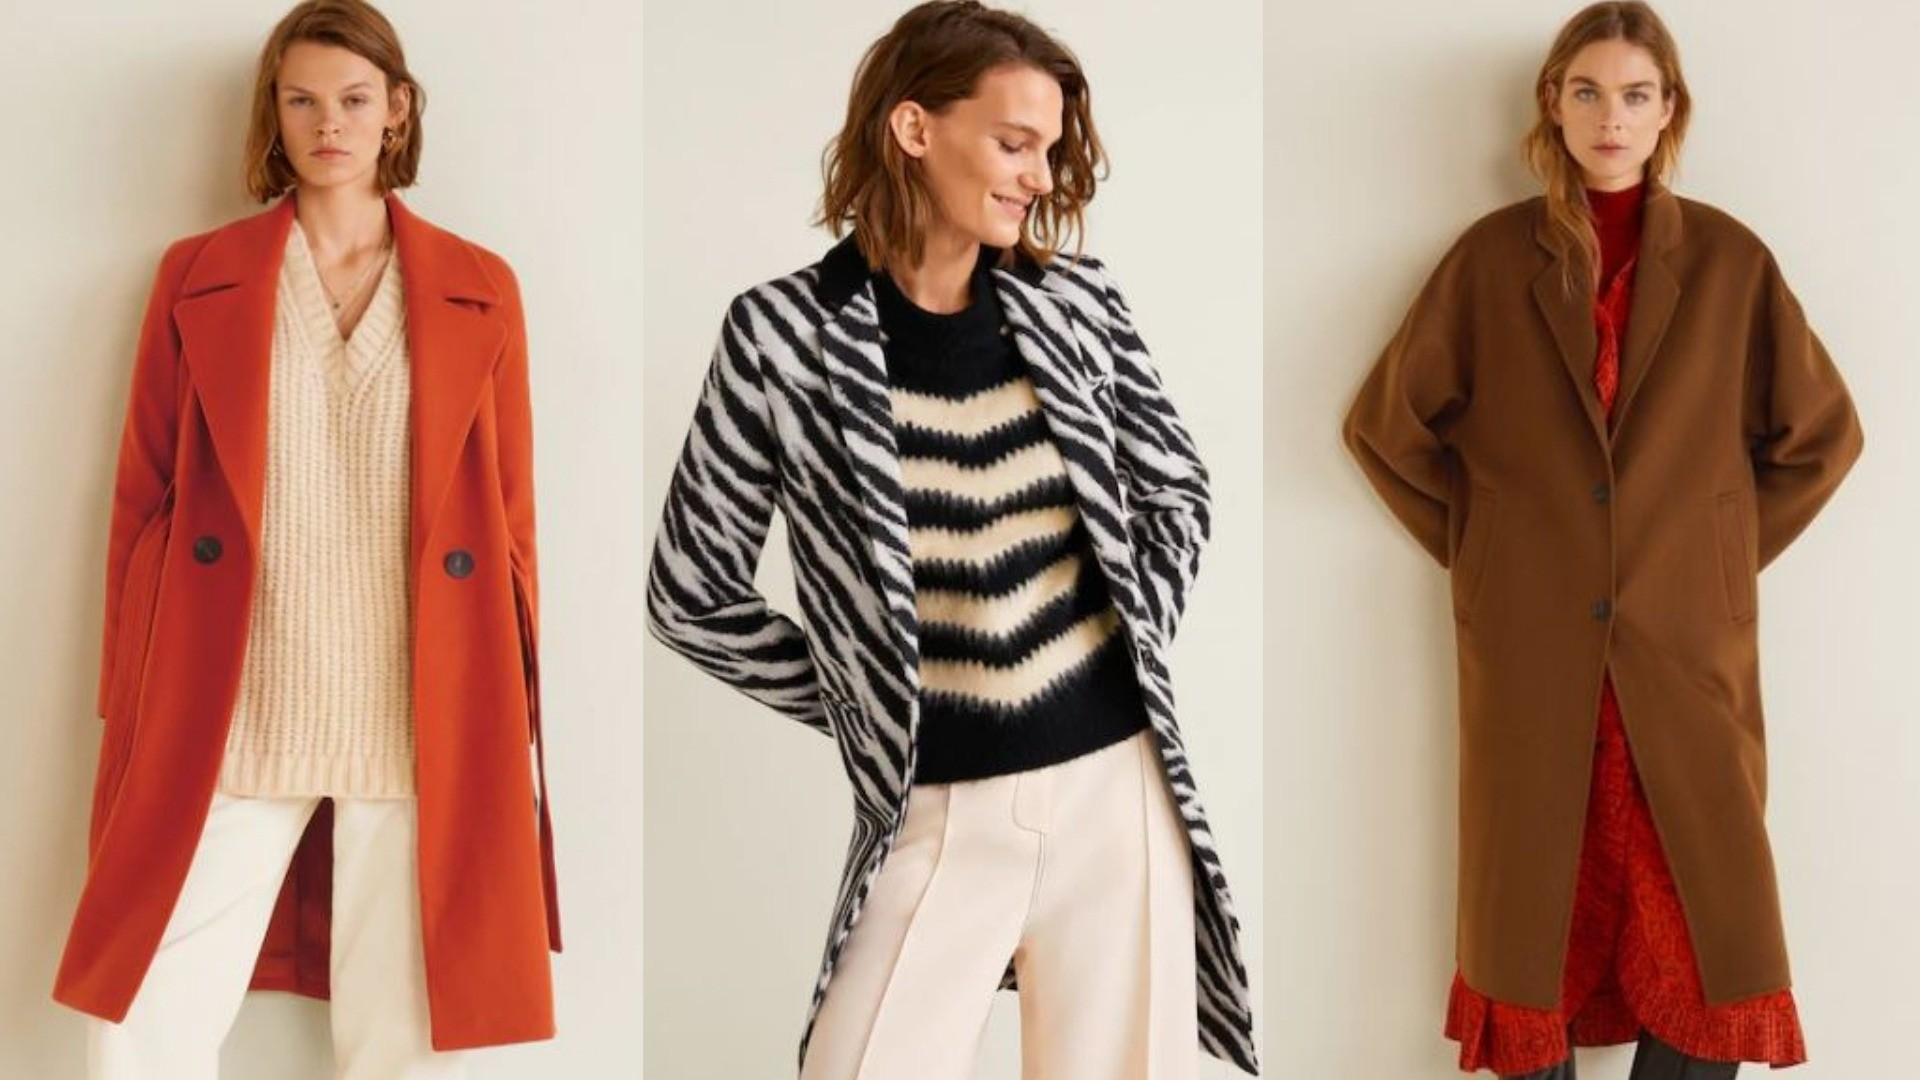 Время распродаж: 6 вещей, которые можно купить сейчас, а носить следующей зимой